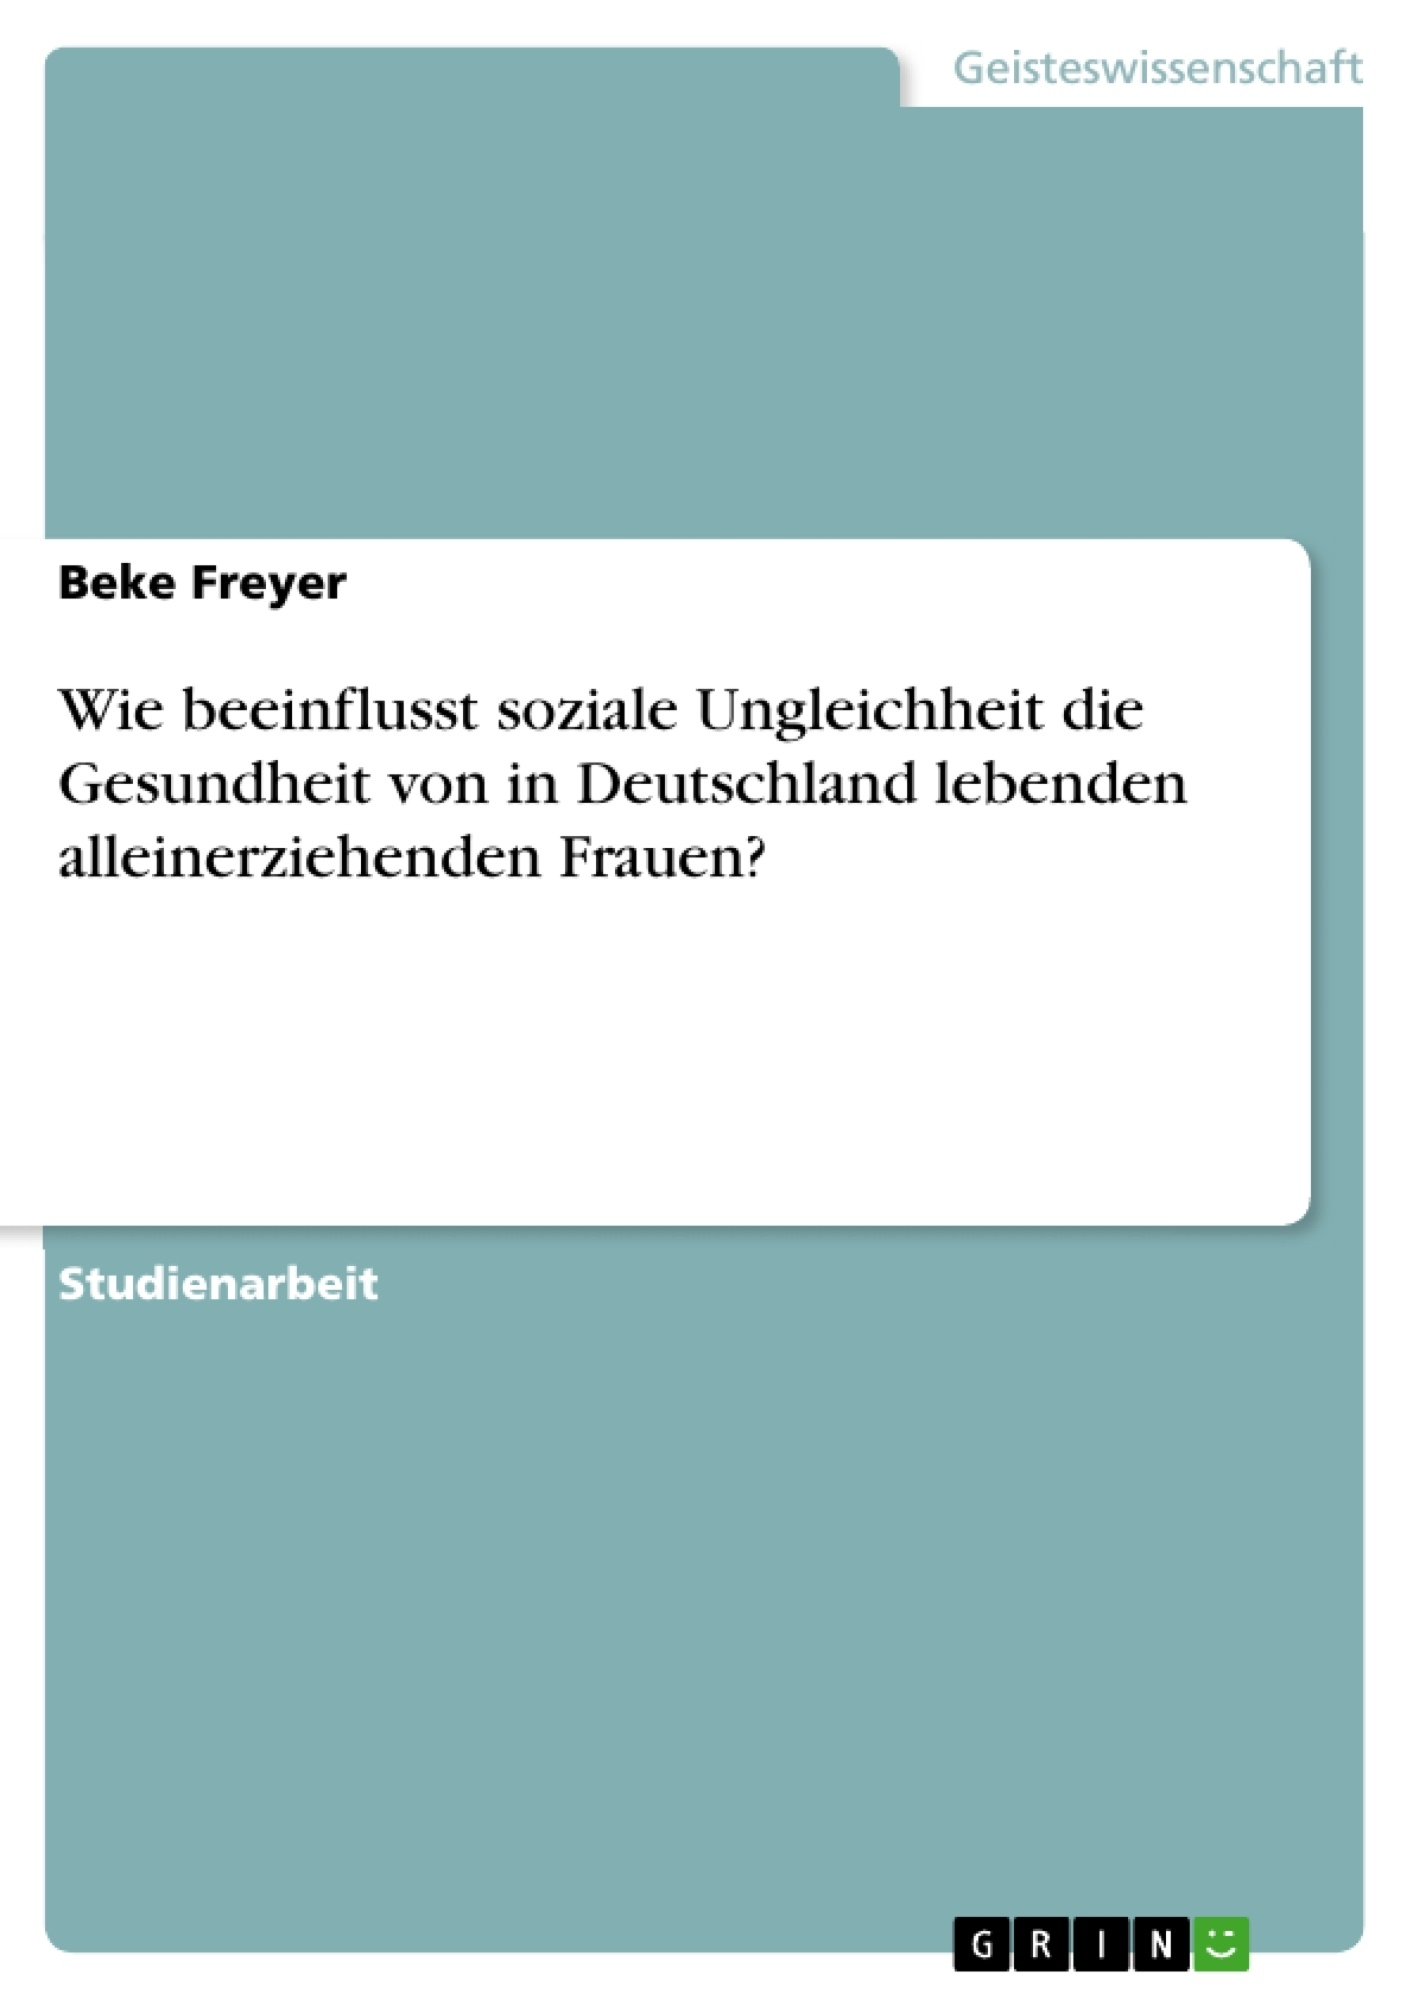 Titel: Wie beeinflusst soziale Ungleichheit die Gesundheit von in Deutschland lebenden alleinerziehenden Frauen?